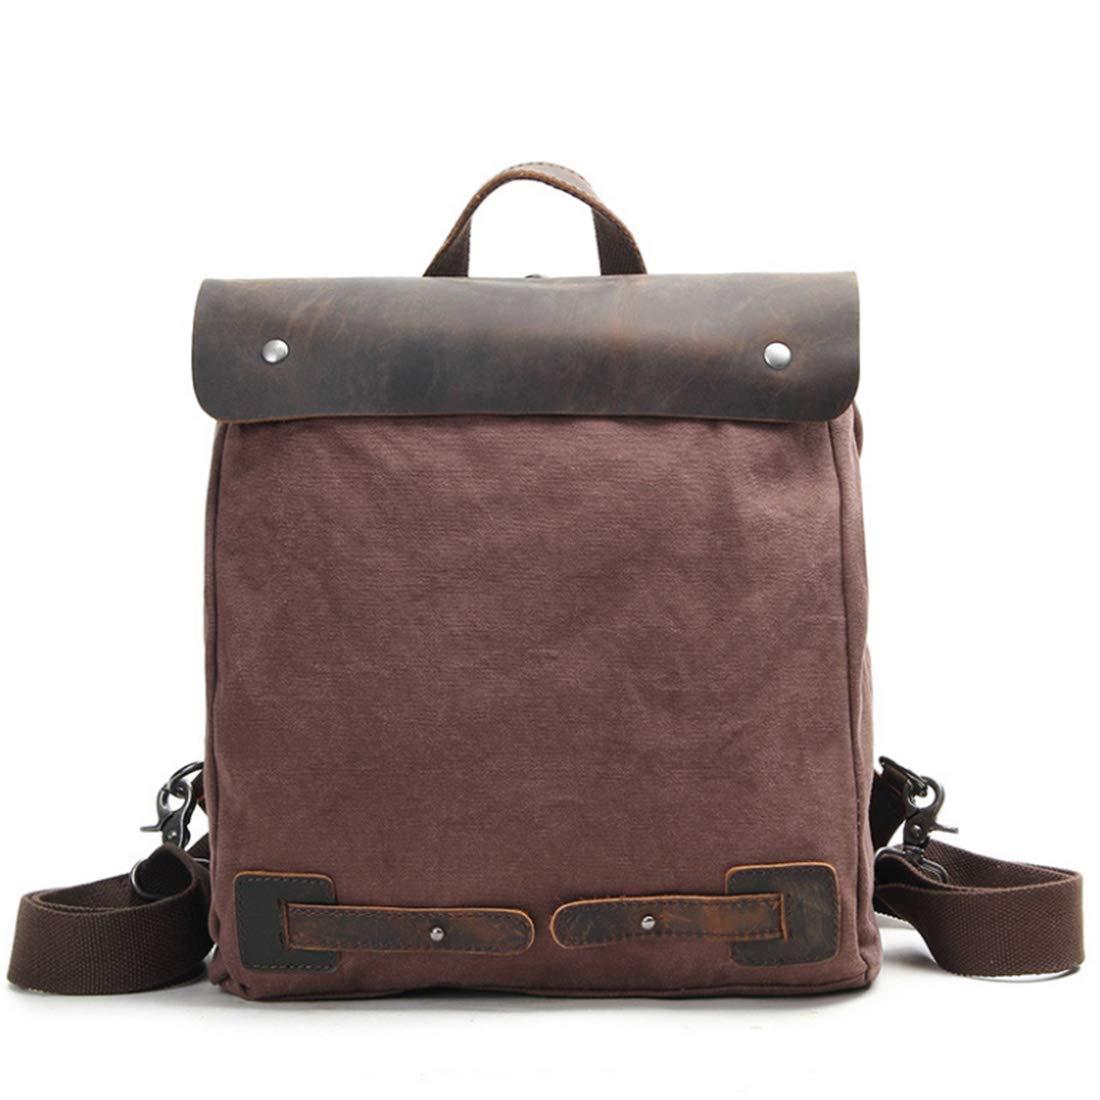 Derenu 学生バッグラップトップショルダーバッグレトロバックパッククレイジーホースレザーキャンバスバッグ (色 : コーヒー色)  コーヒー色 B07QQW16V1